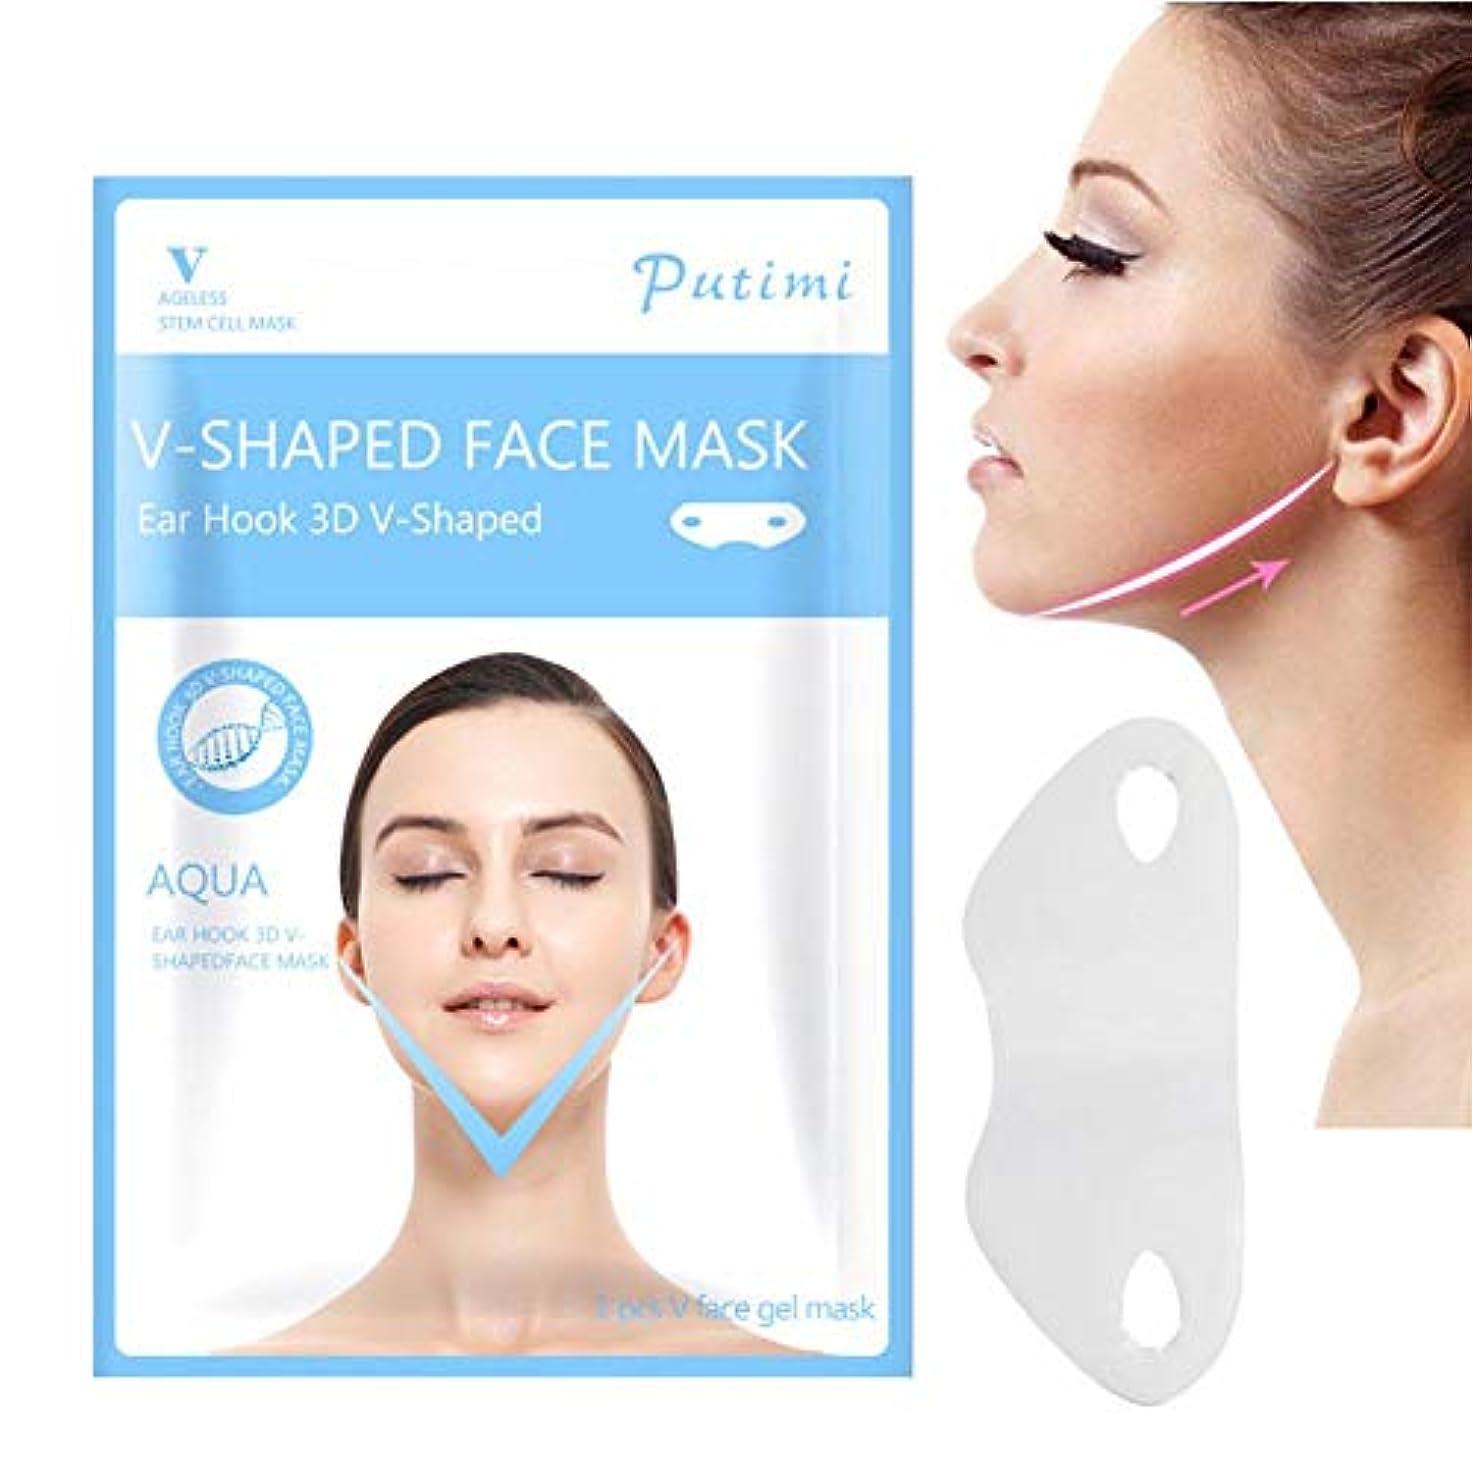 スコア枝道徳SILUN 最新型 Vフェイシャルマスク フェイスマスク 小顔 マスク フェイスラインベルト 美顔 顔痩せ 保湿 血行を促進する 睡眠マスク